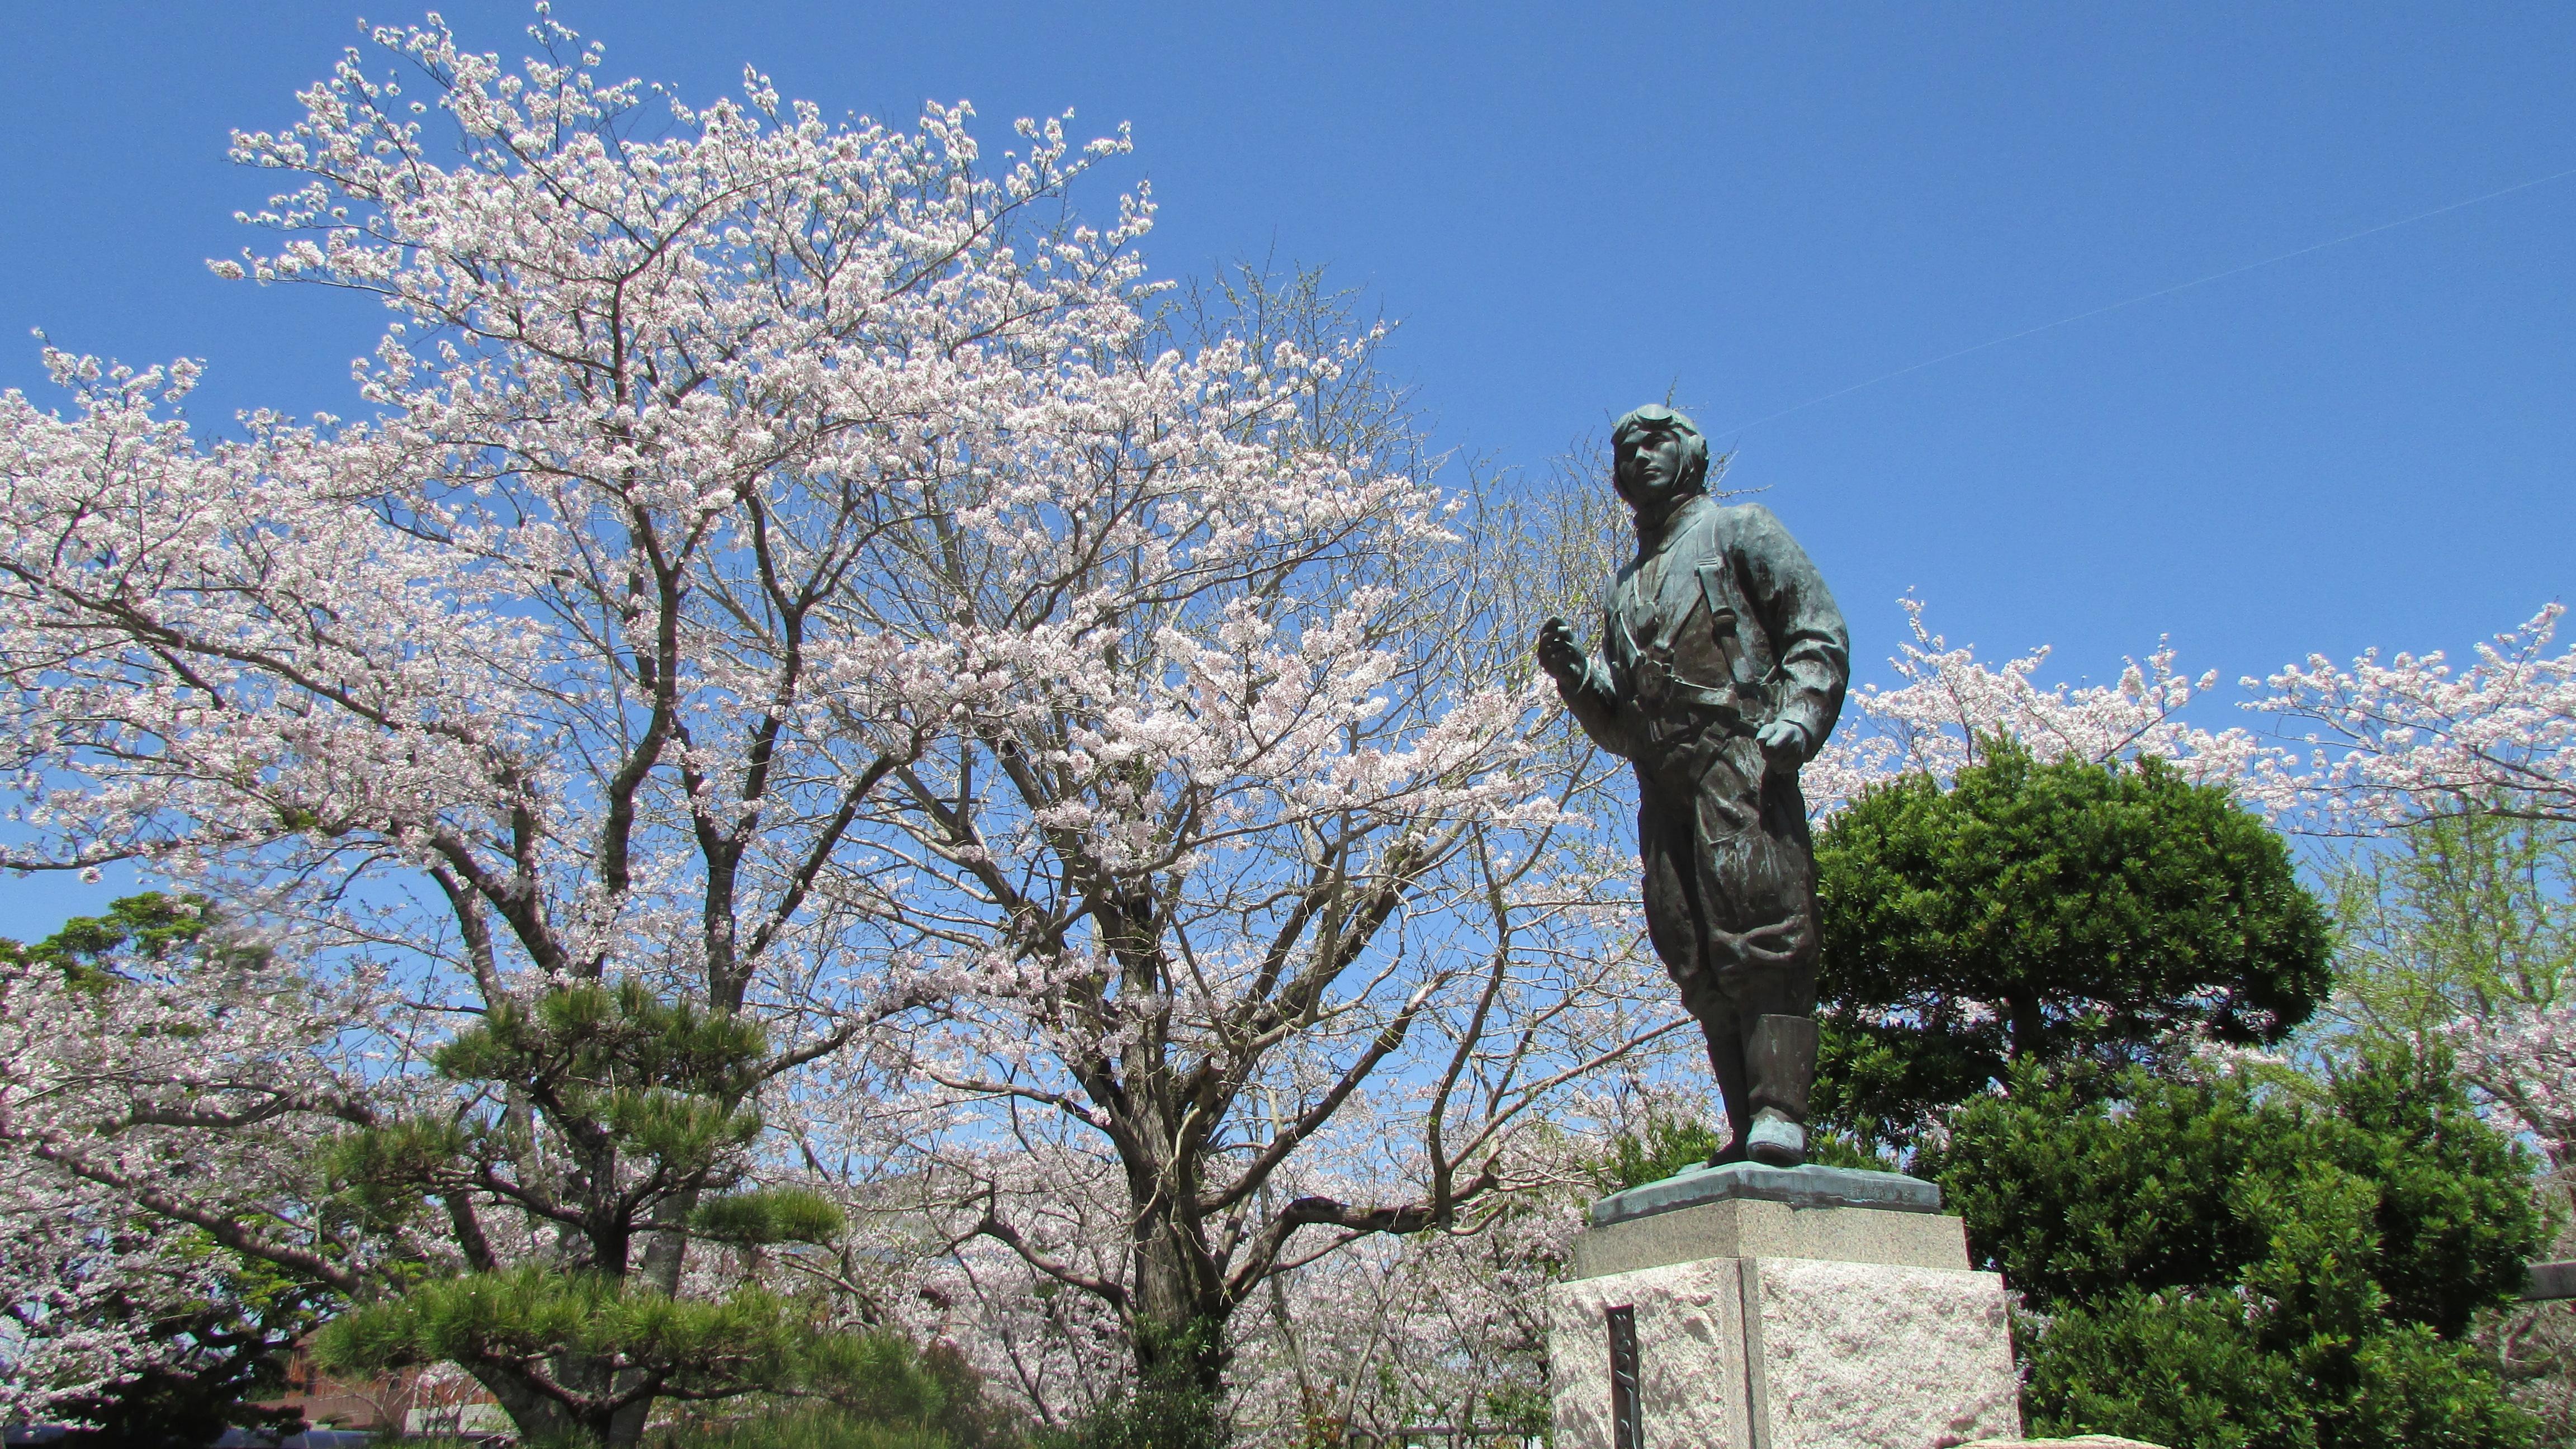 知覧特攻平和会館前の特攻隊員の像(提供:南九州市)